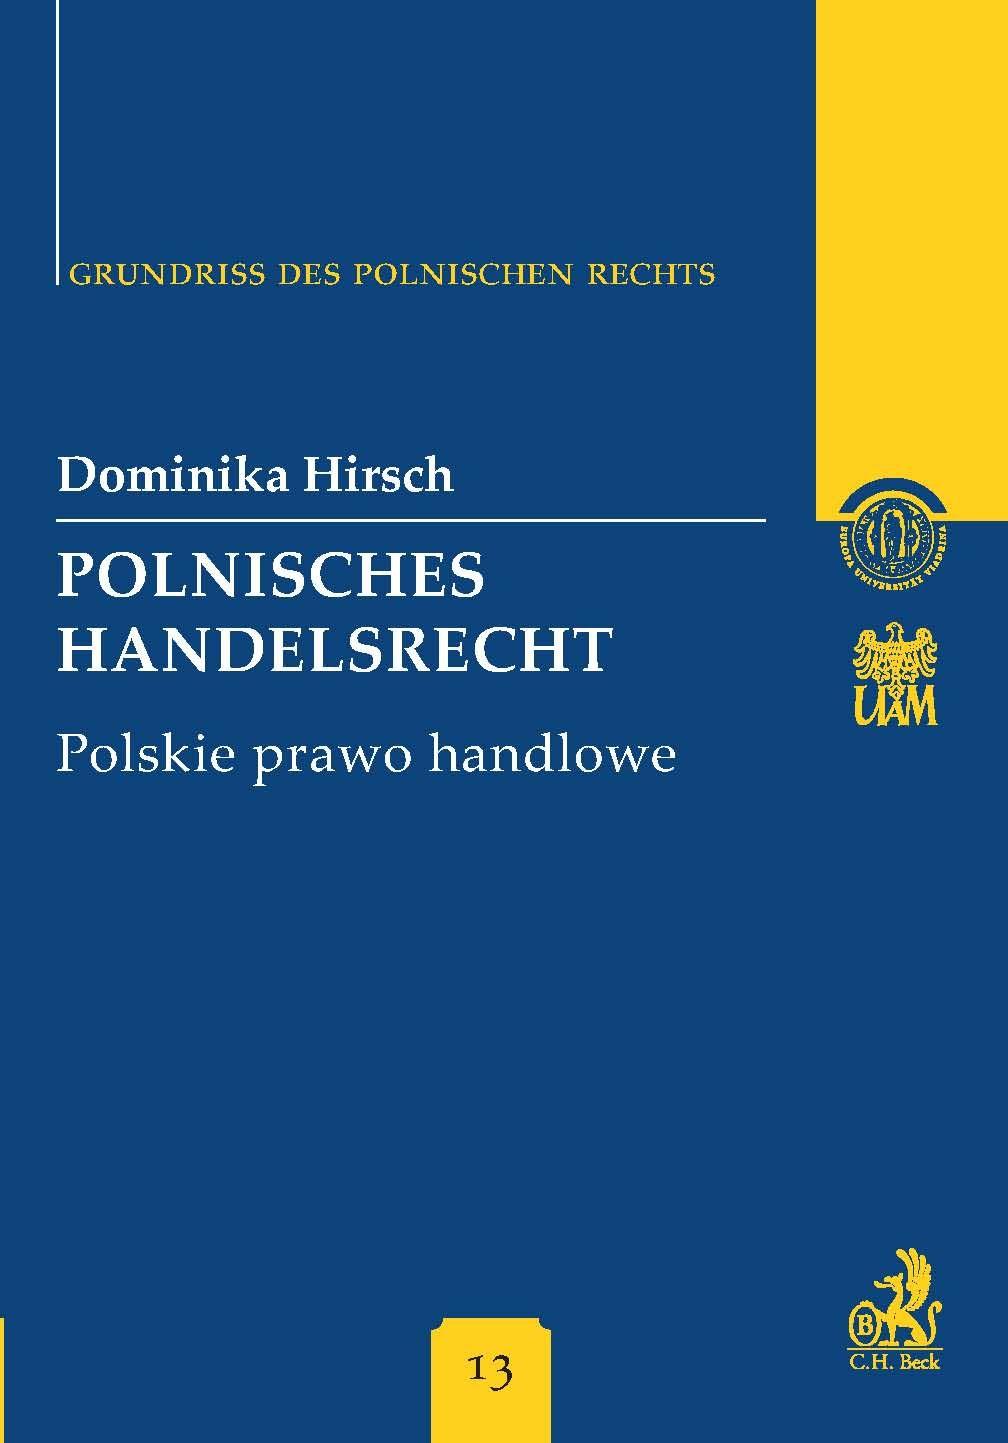 Polnisches Handelsrecht. Polskie prawo handlowe Band 13 - Ebook (Książka PDF) do pobrania w formacie PDF